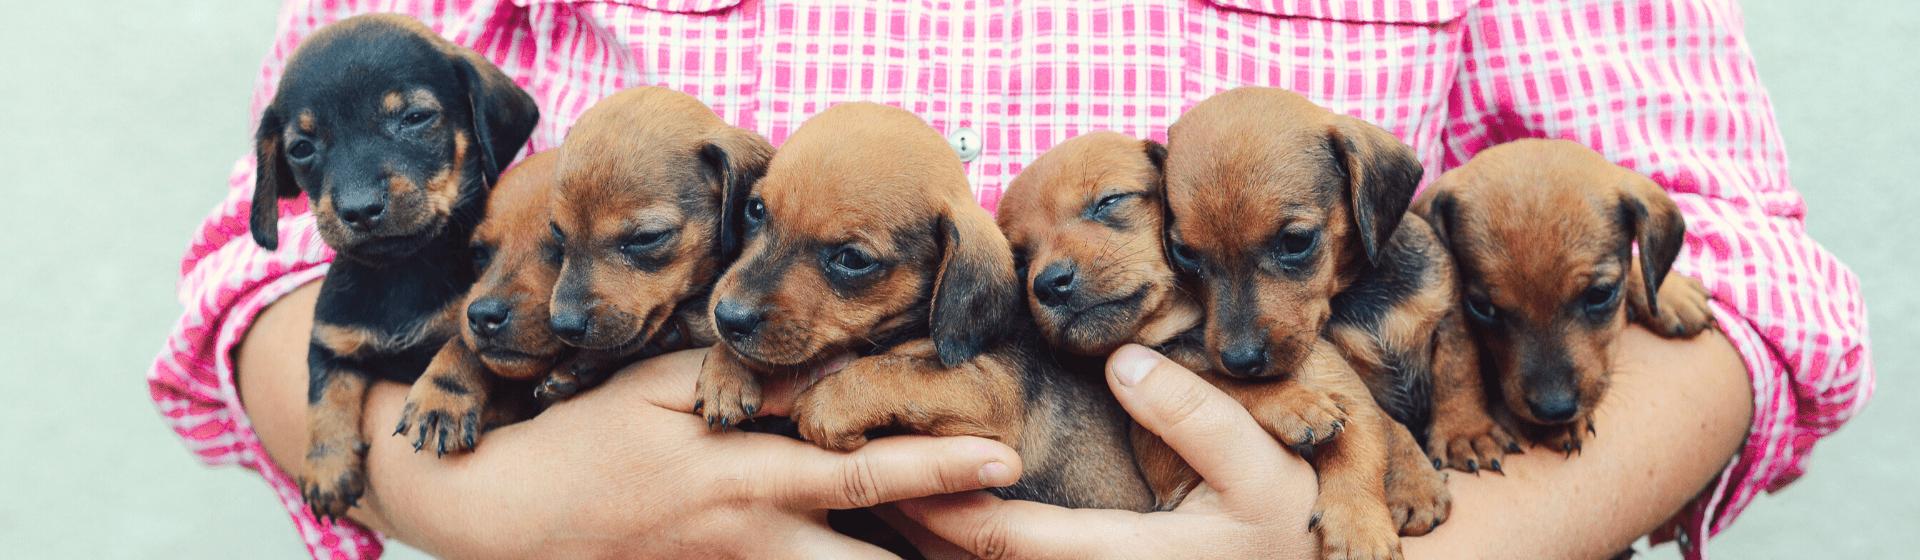 Enxoval para cachorro: o que é preciso para ter um cachorro?